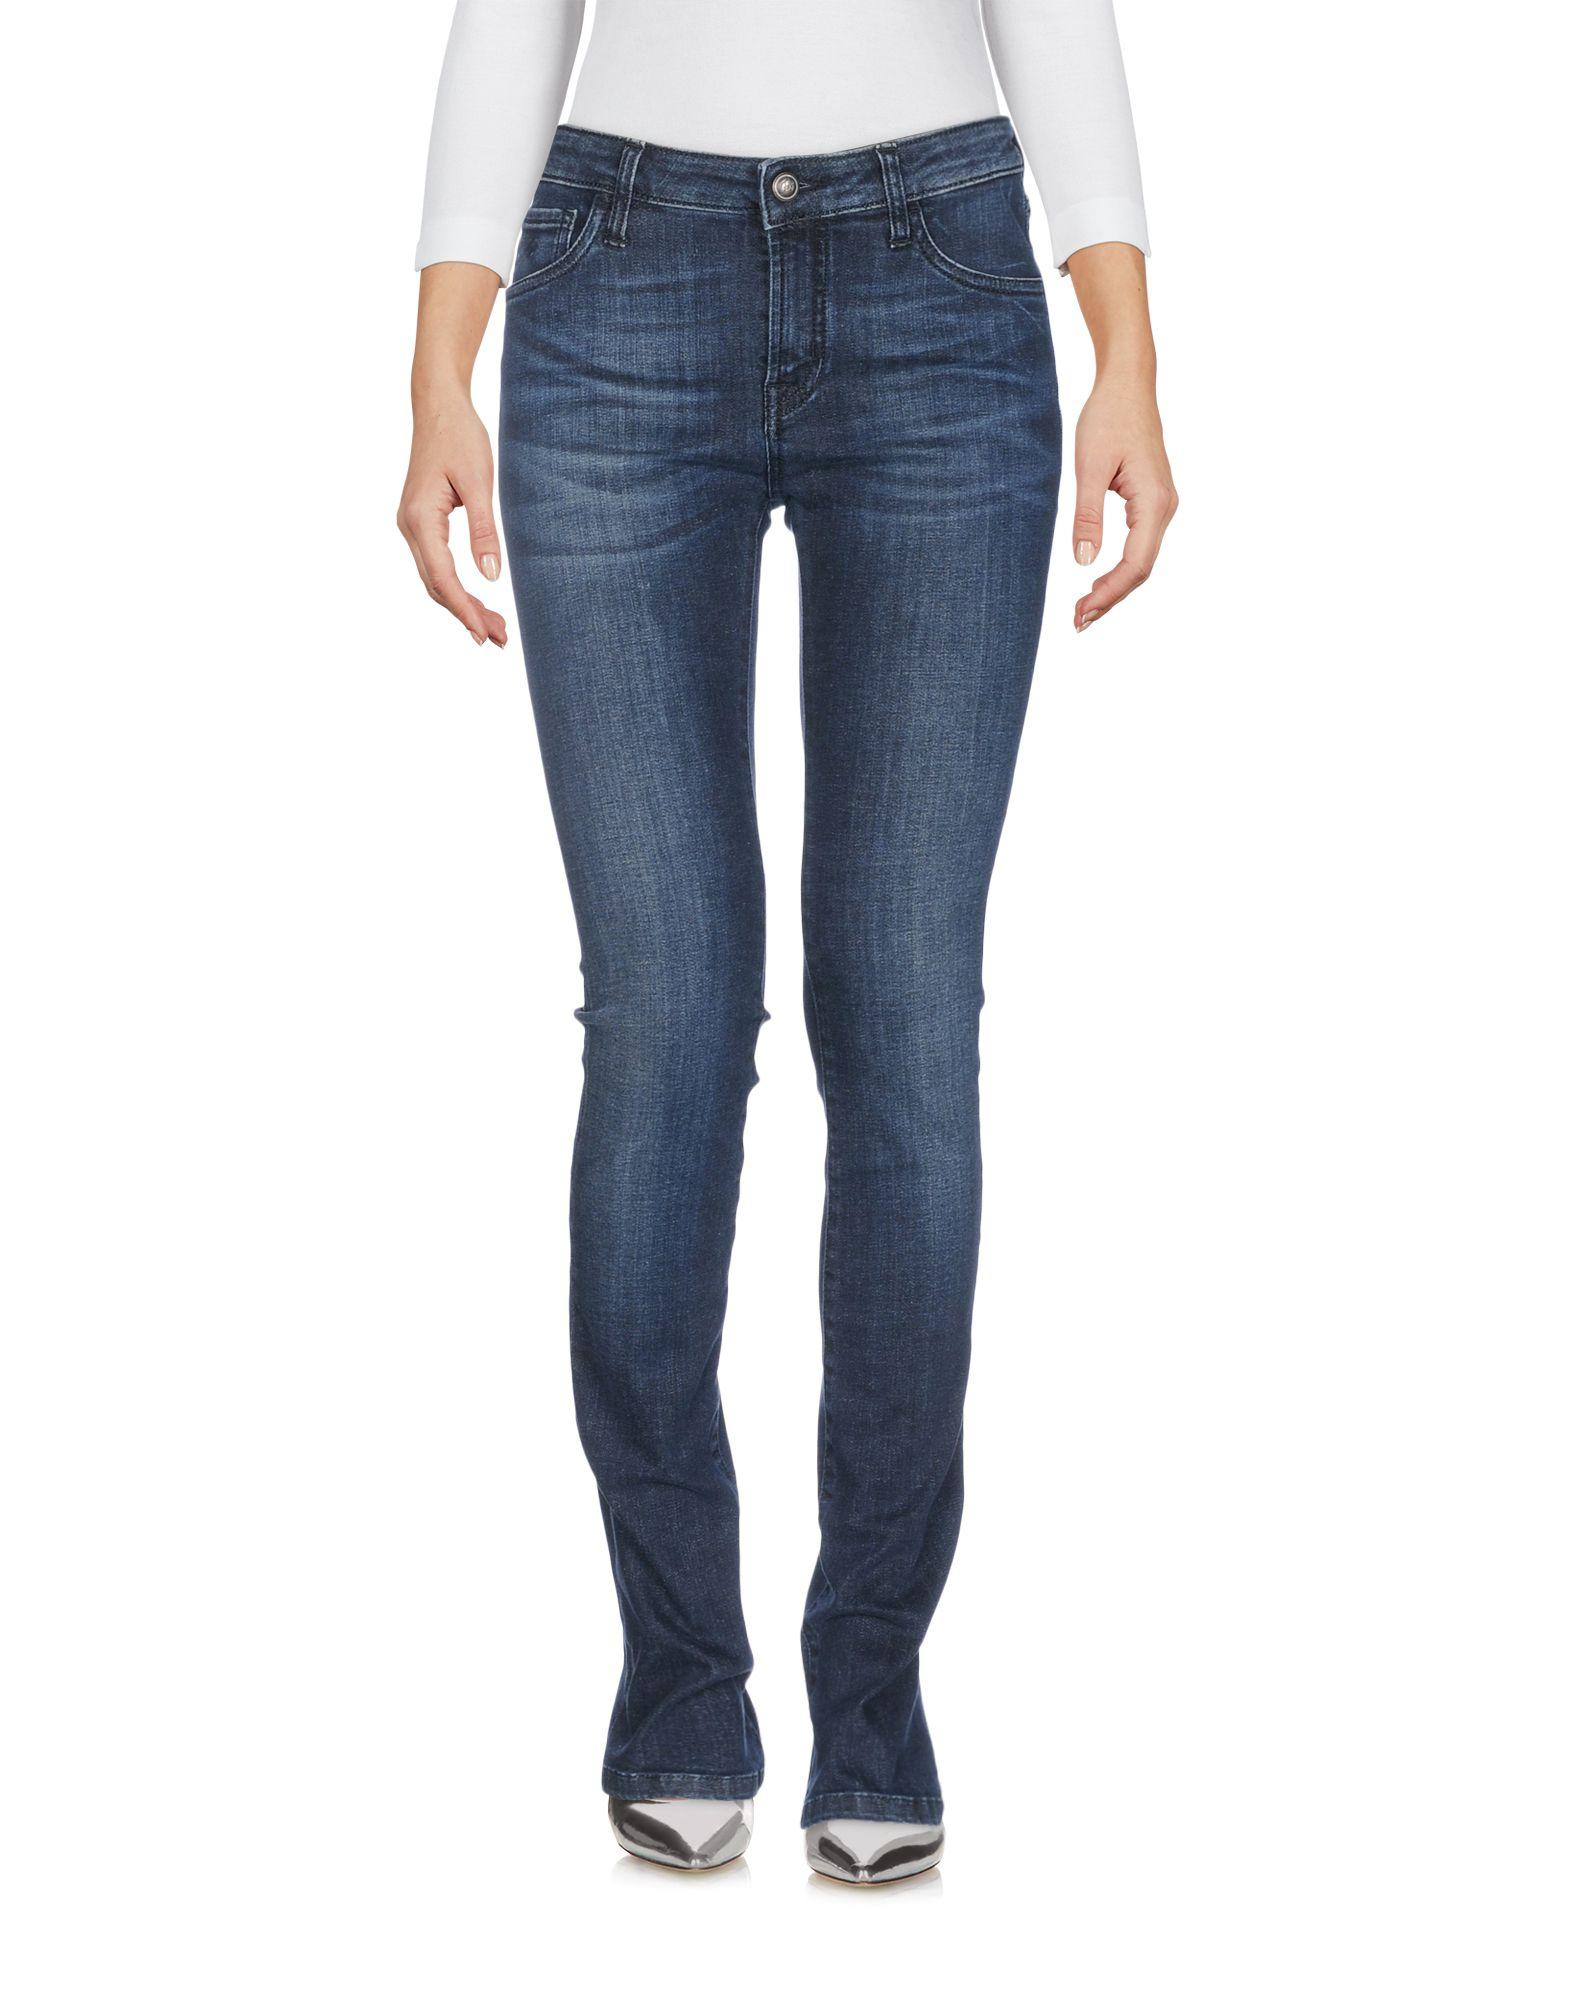 Pantaloni Jeans Fay Donna - Acquista online su byRvVfytVU